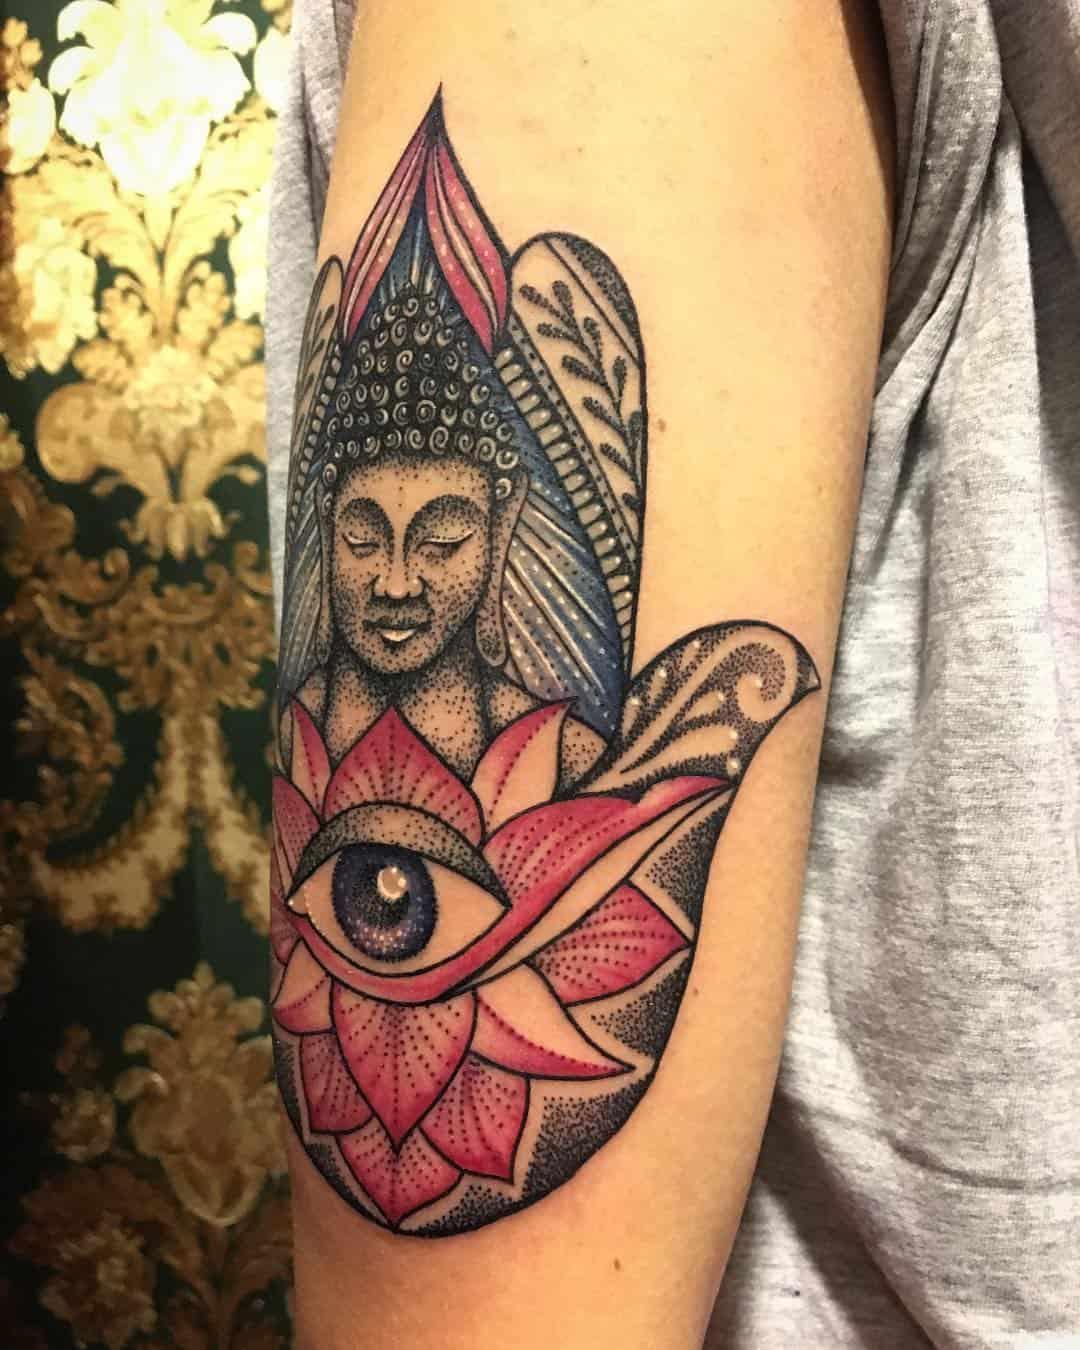 Tattoo by @dotty_smith